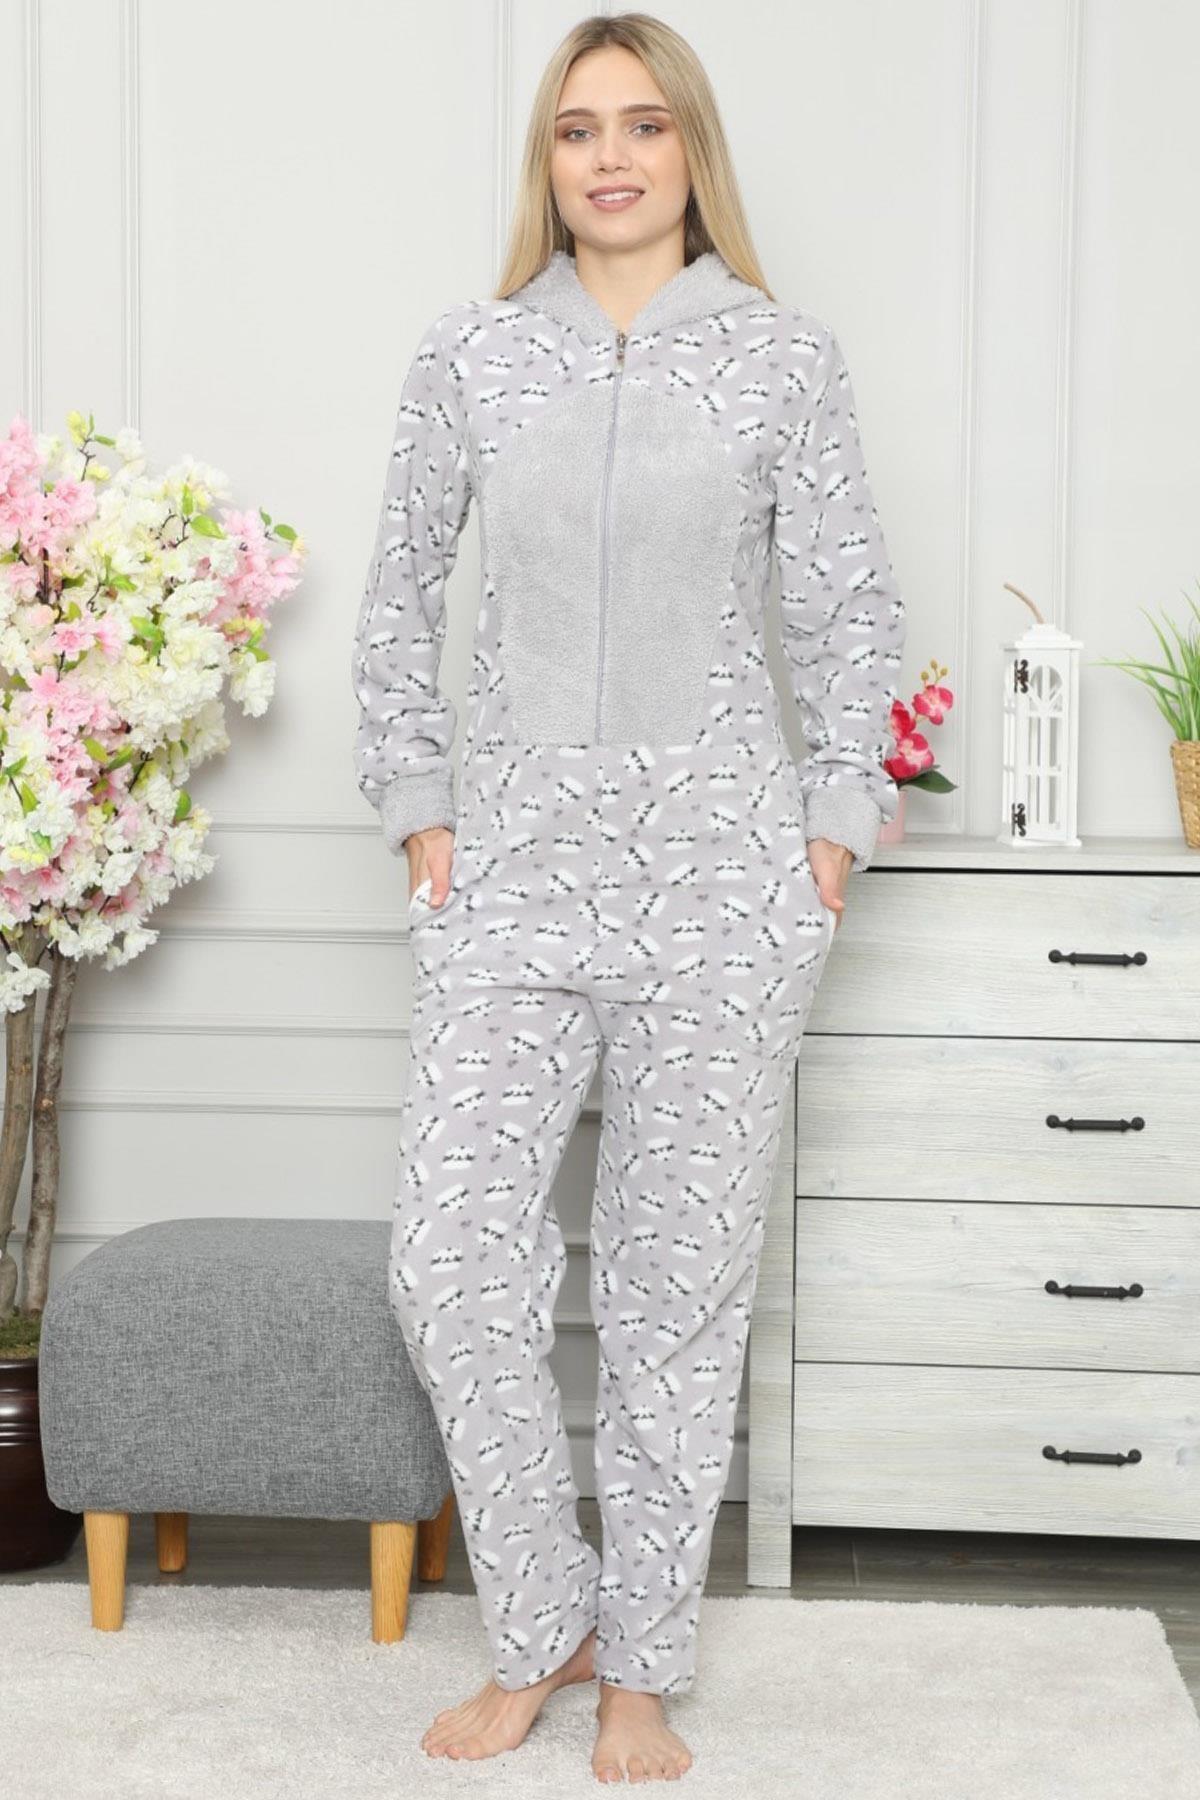 Pijamaevi Kedi Desenli Kadın Polar Peluş Tulum Pijama 2